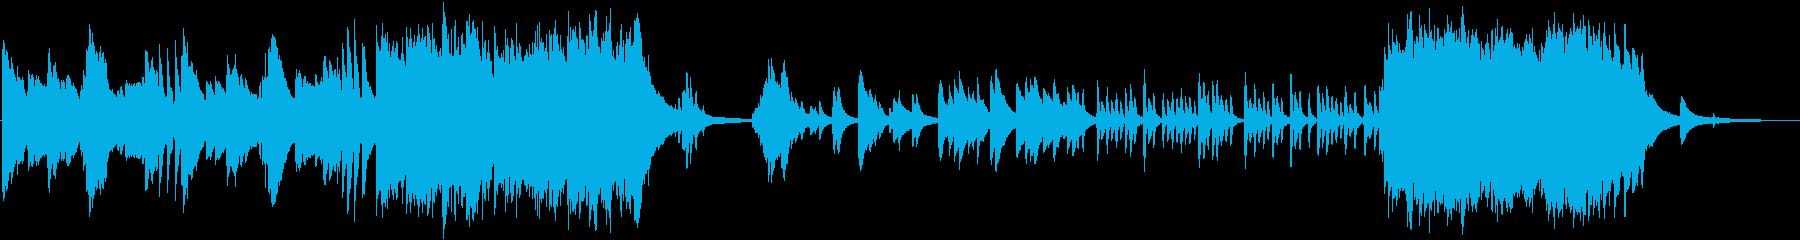 荒野の果てに よりクラシカルなピアノソロの再生済みの波形